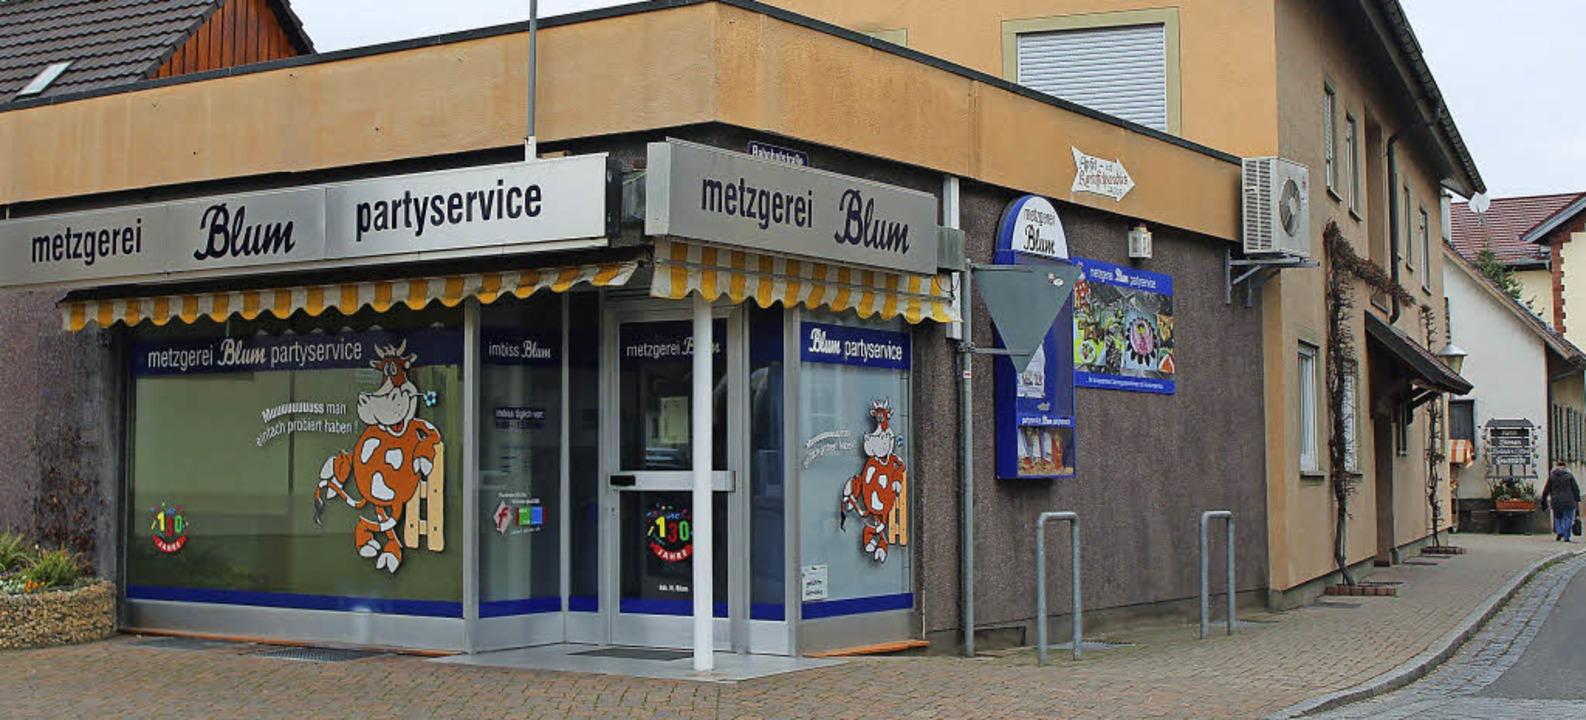 Die Metzgerei Blum ist verschlossen: Ein Aushang nennt die Gründe.   | Foto: Mario Schöneberg